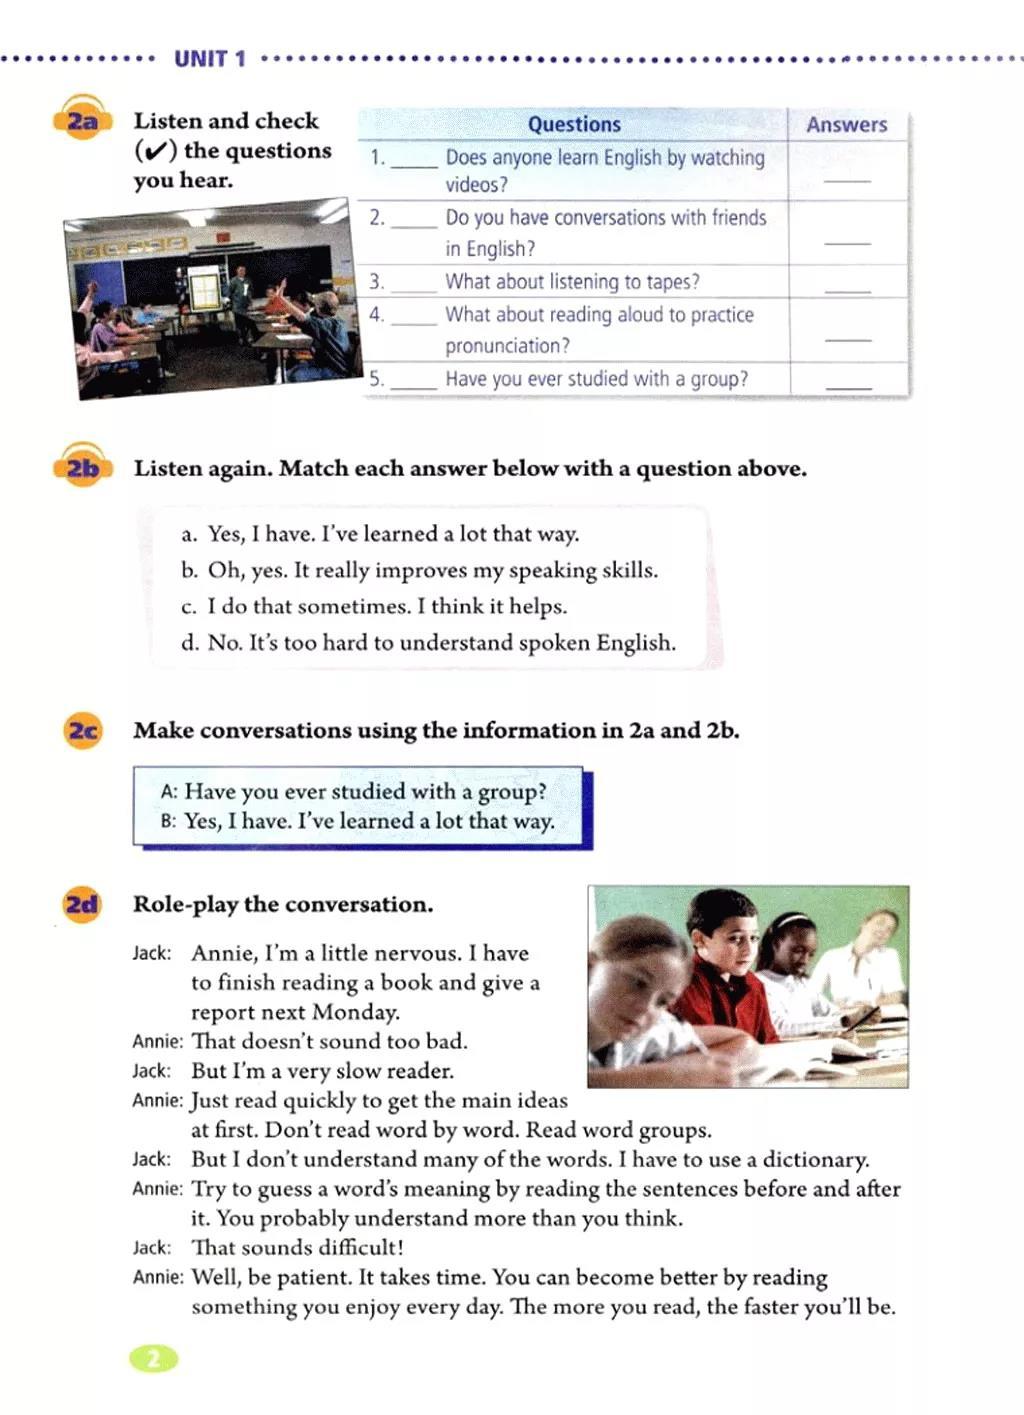 电子课本//人教版九年级全一册英语课本7979 作者: 来源: 发布时间:2021-4-10 17:03